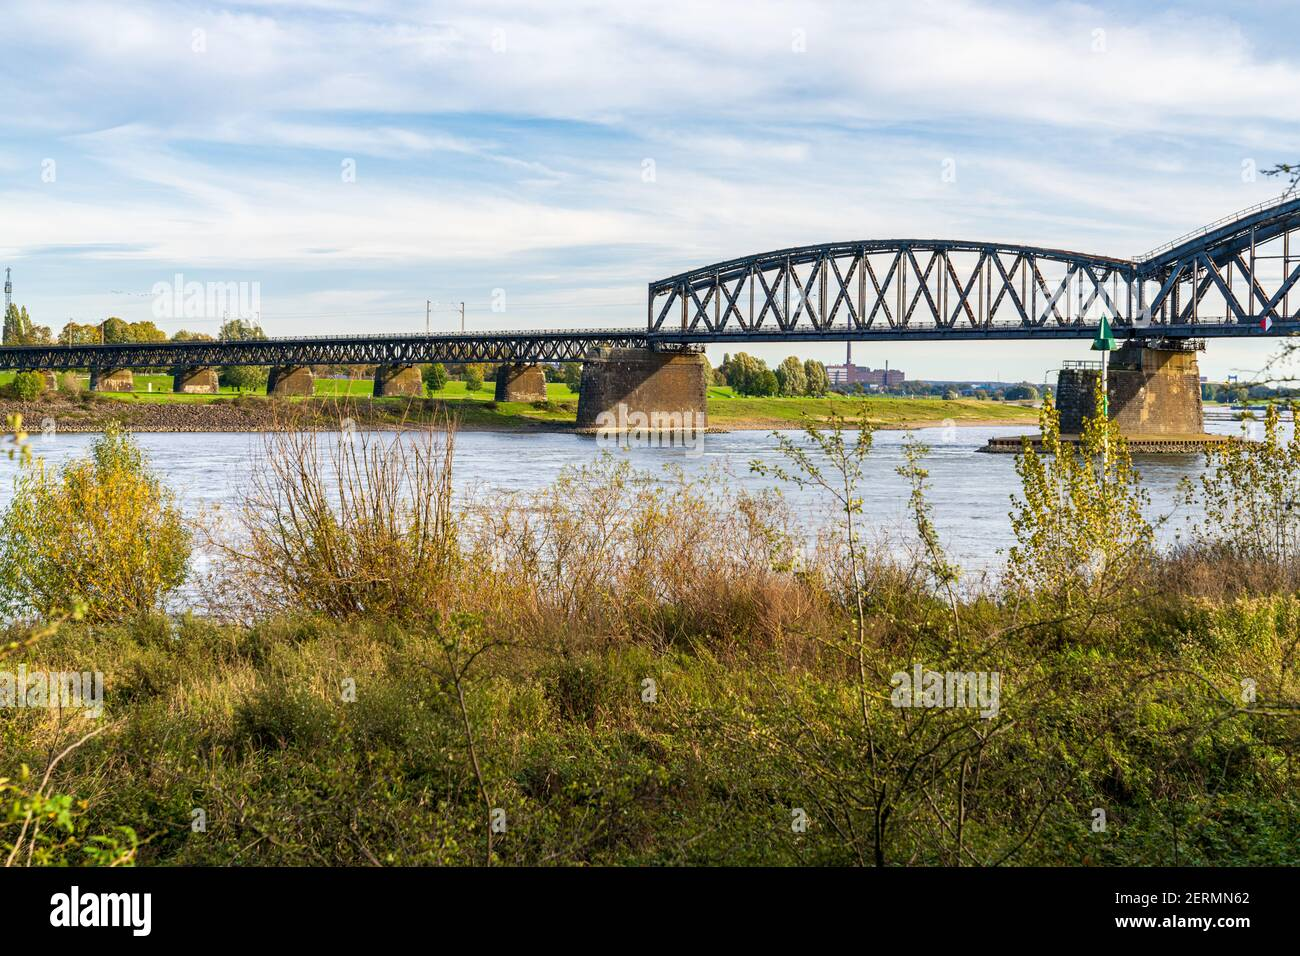 Duisburg, Nordrhein-Westfalen, Deutschland - 26. Oktober 2019: Blick auf den Rhein in Duisburg-Baerl mit der Beeckerwerther Brücke und dem Haus-Kn Stockfoto